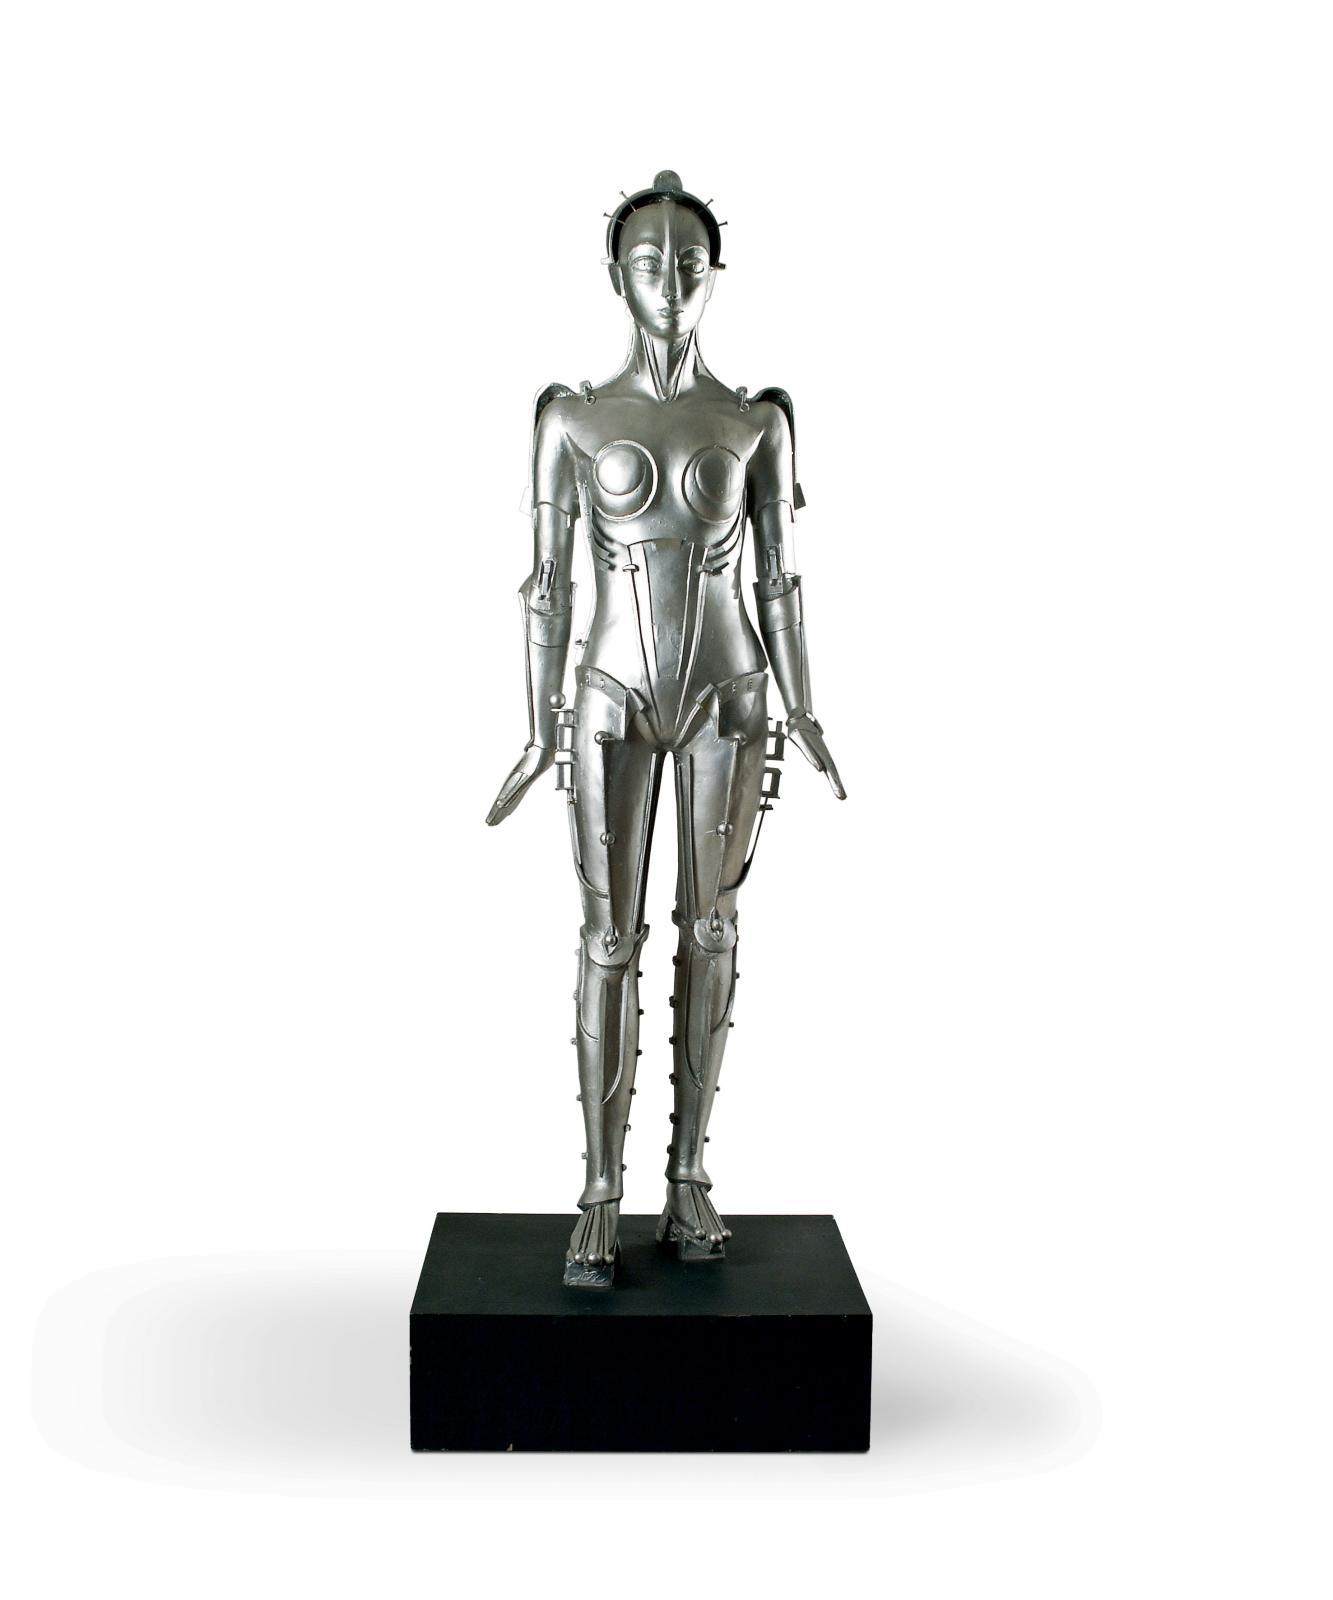 Walter Schulze-Mittendorff, Maria, le robot du film Metropolis (1926) de Fritz Lang, copie réalisée par «Moulages du Louvre» en 1994, résine peinte, 1